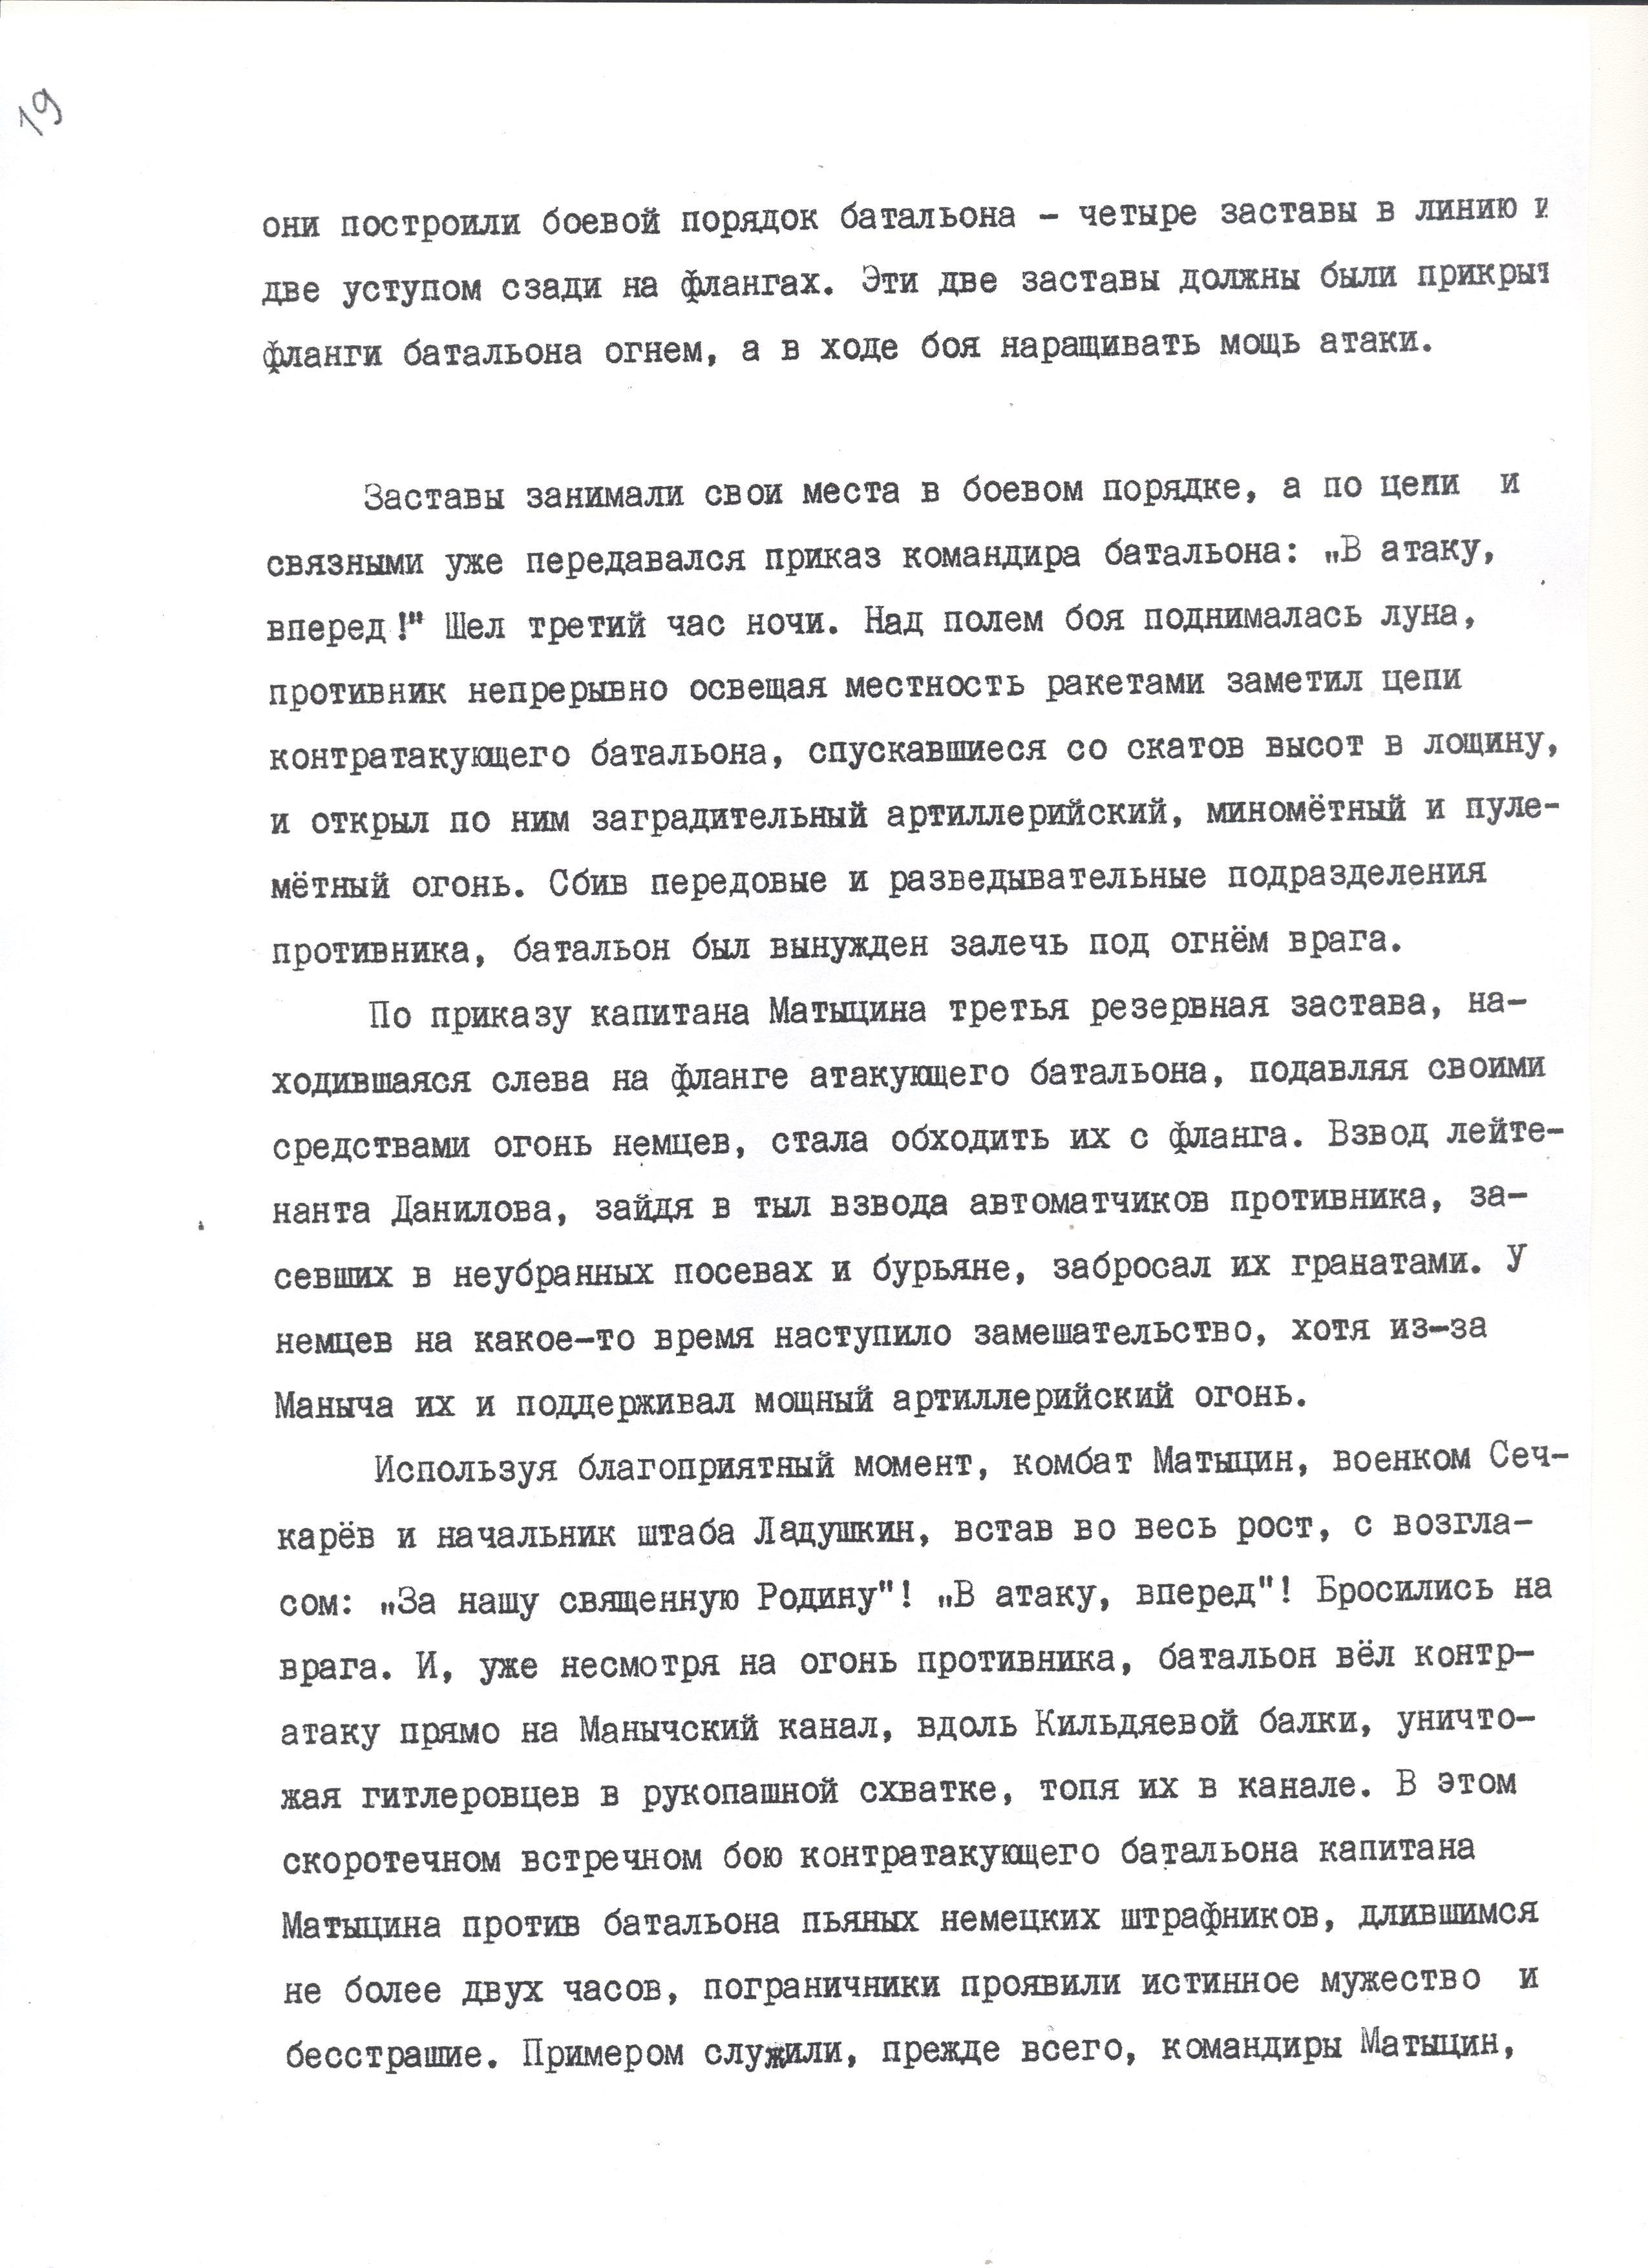 «Отважный комбат капитан Матыцин и его люди» (текст С. Е. Капустина) - Страница 4